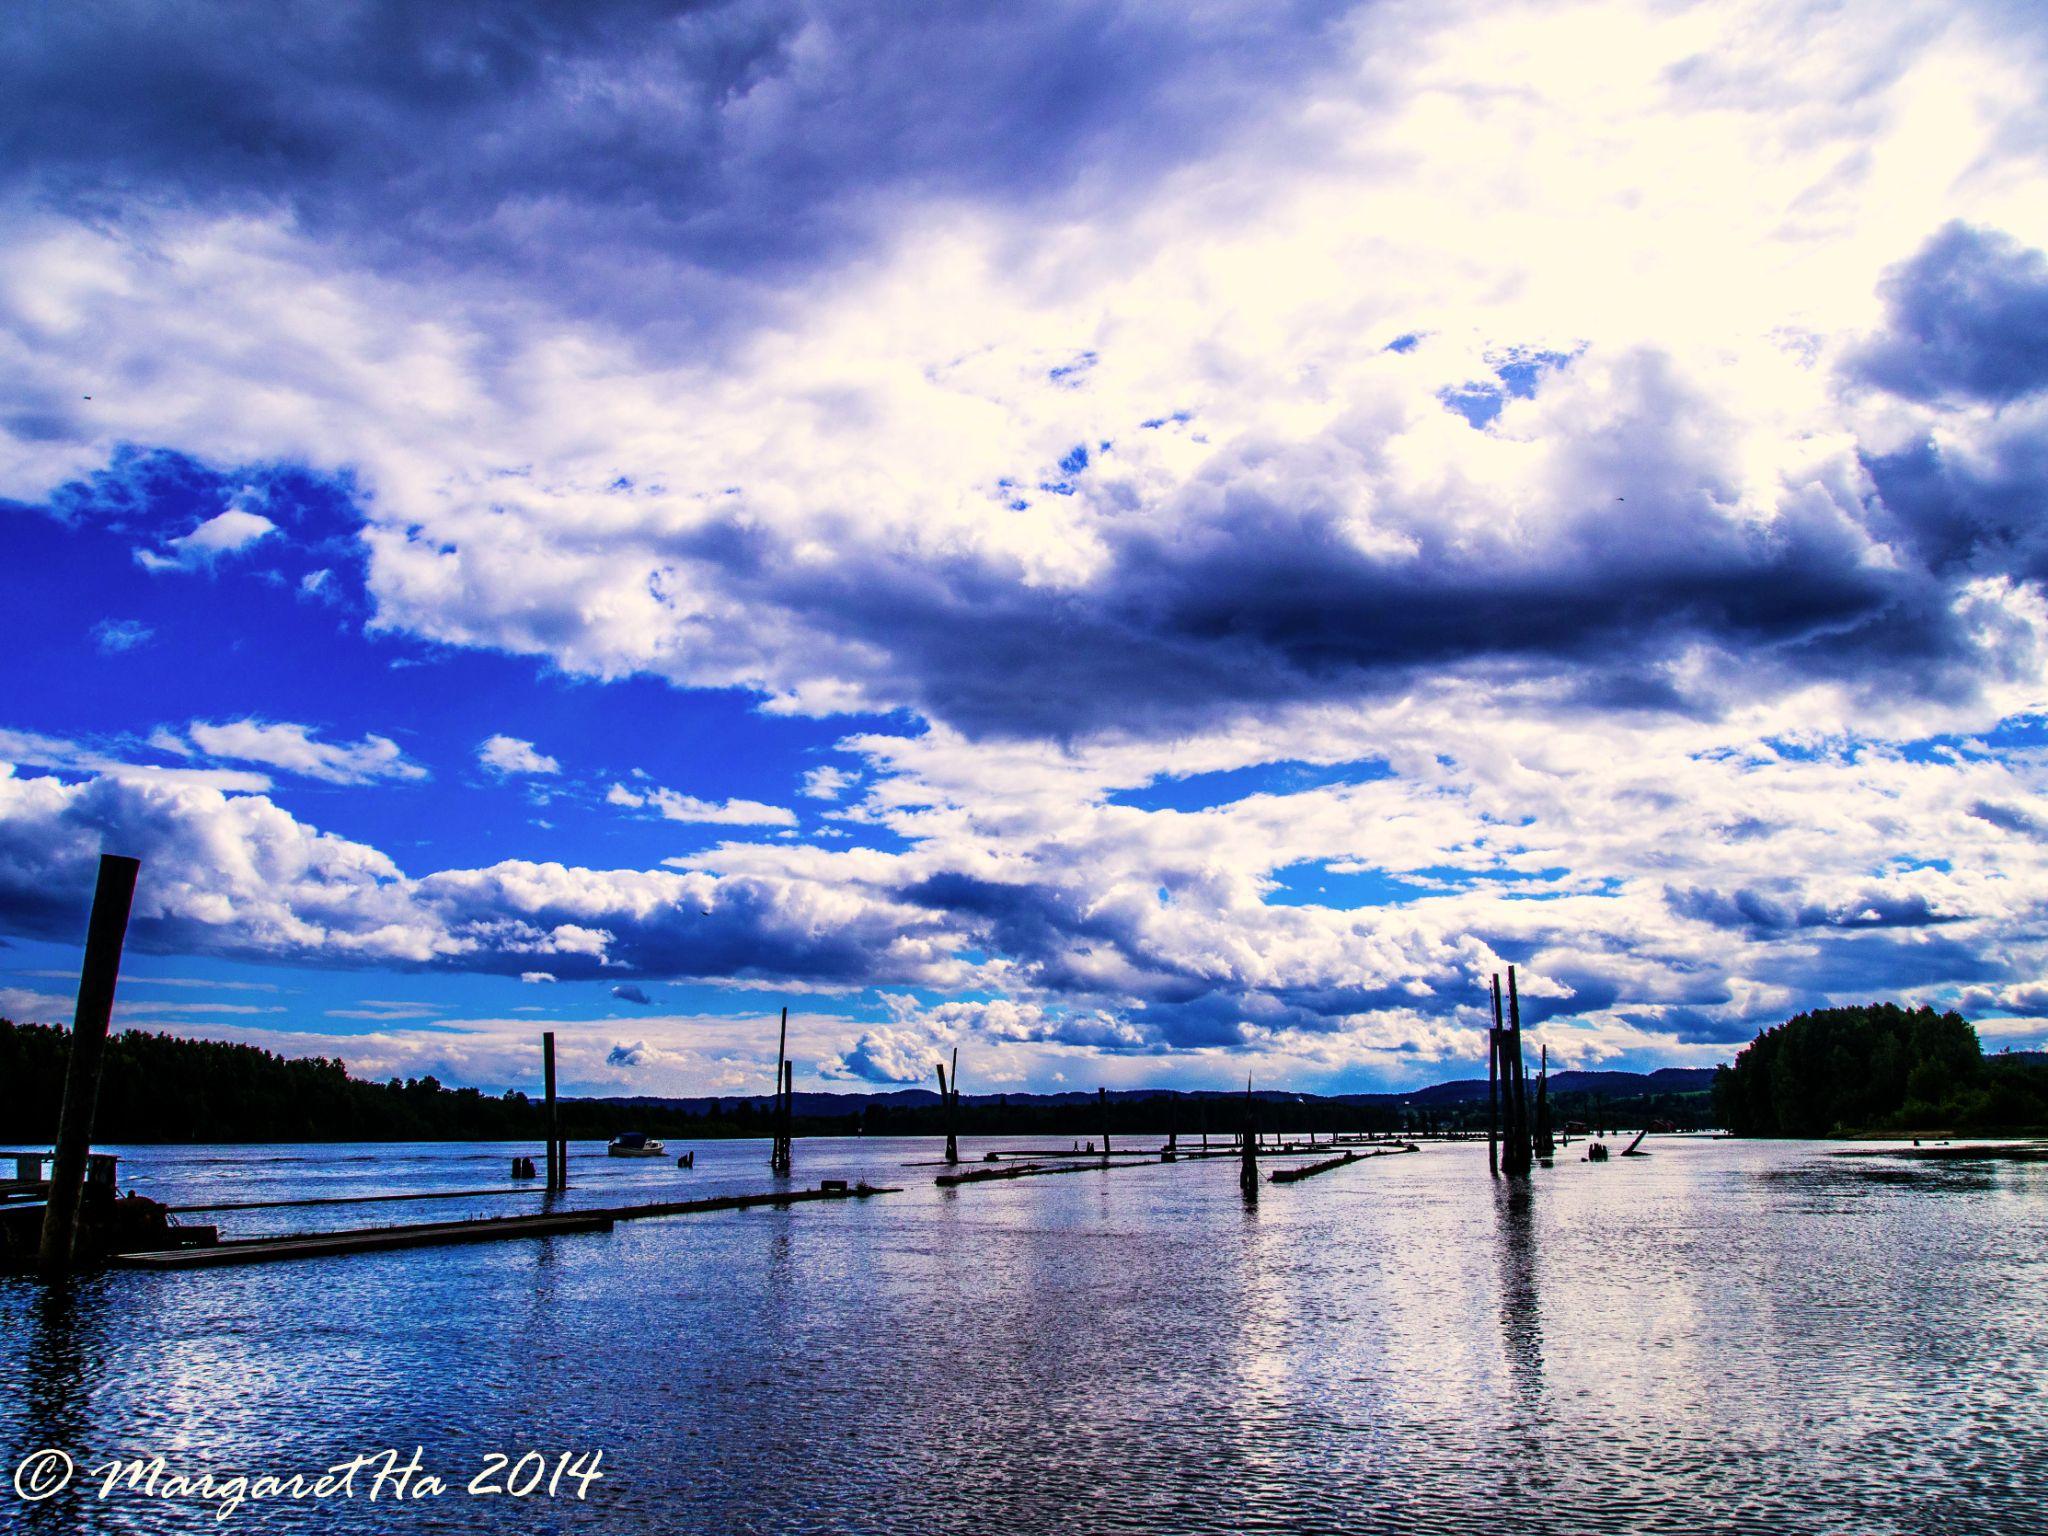 Skies. Water. by Margaret Brynildsen Hagevik